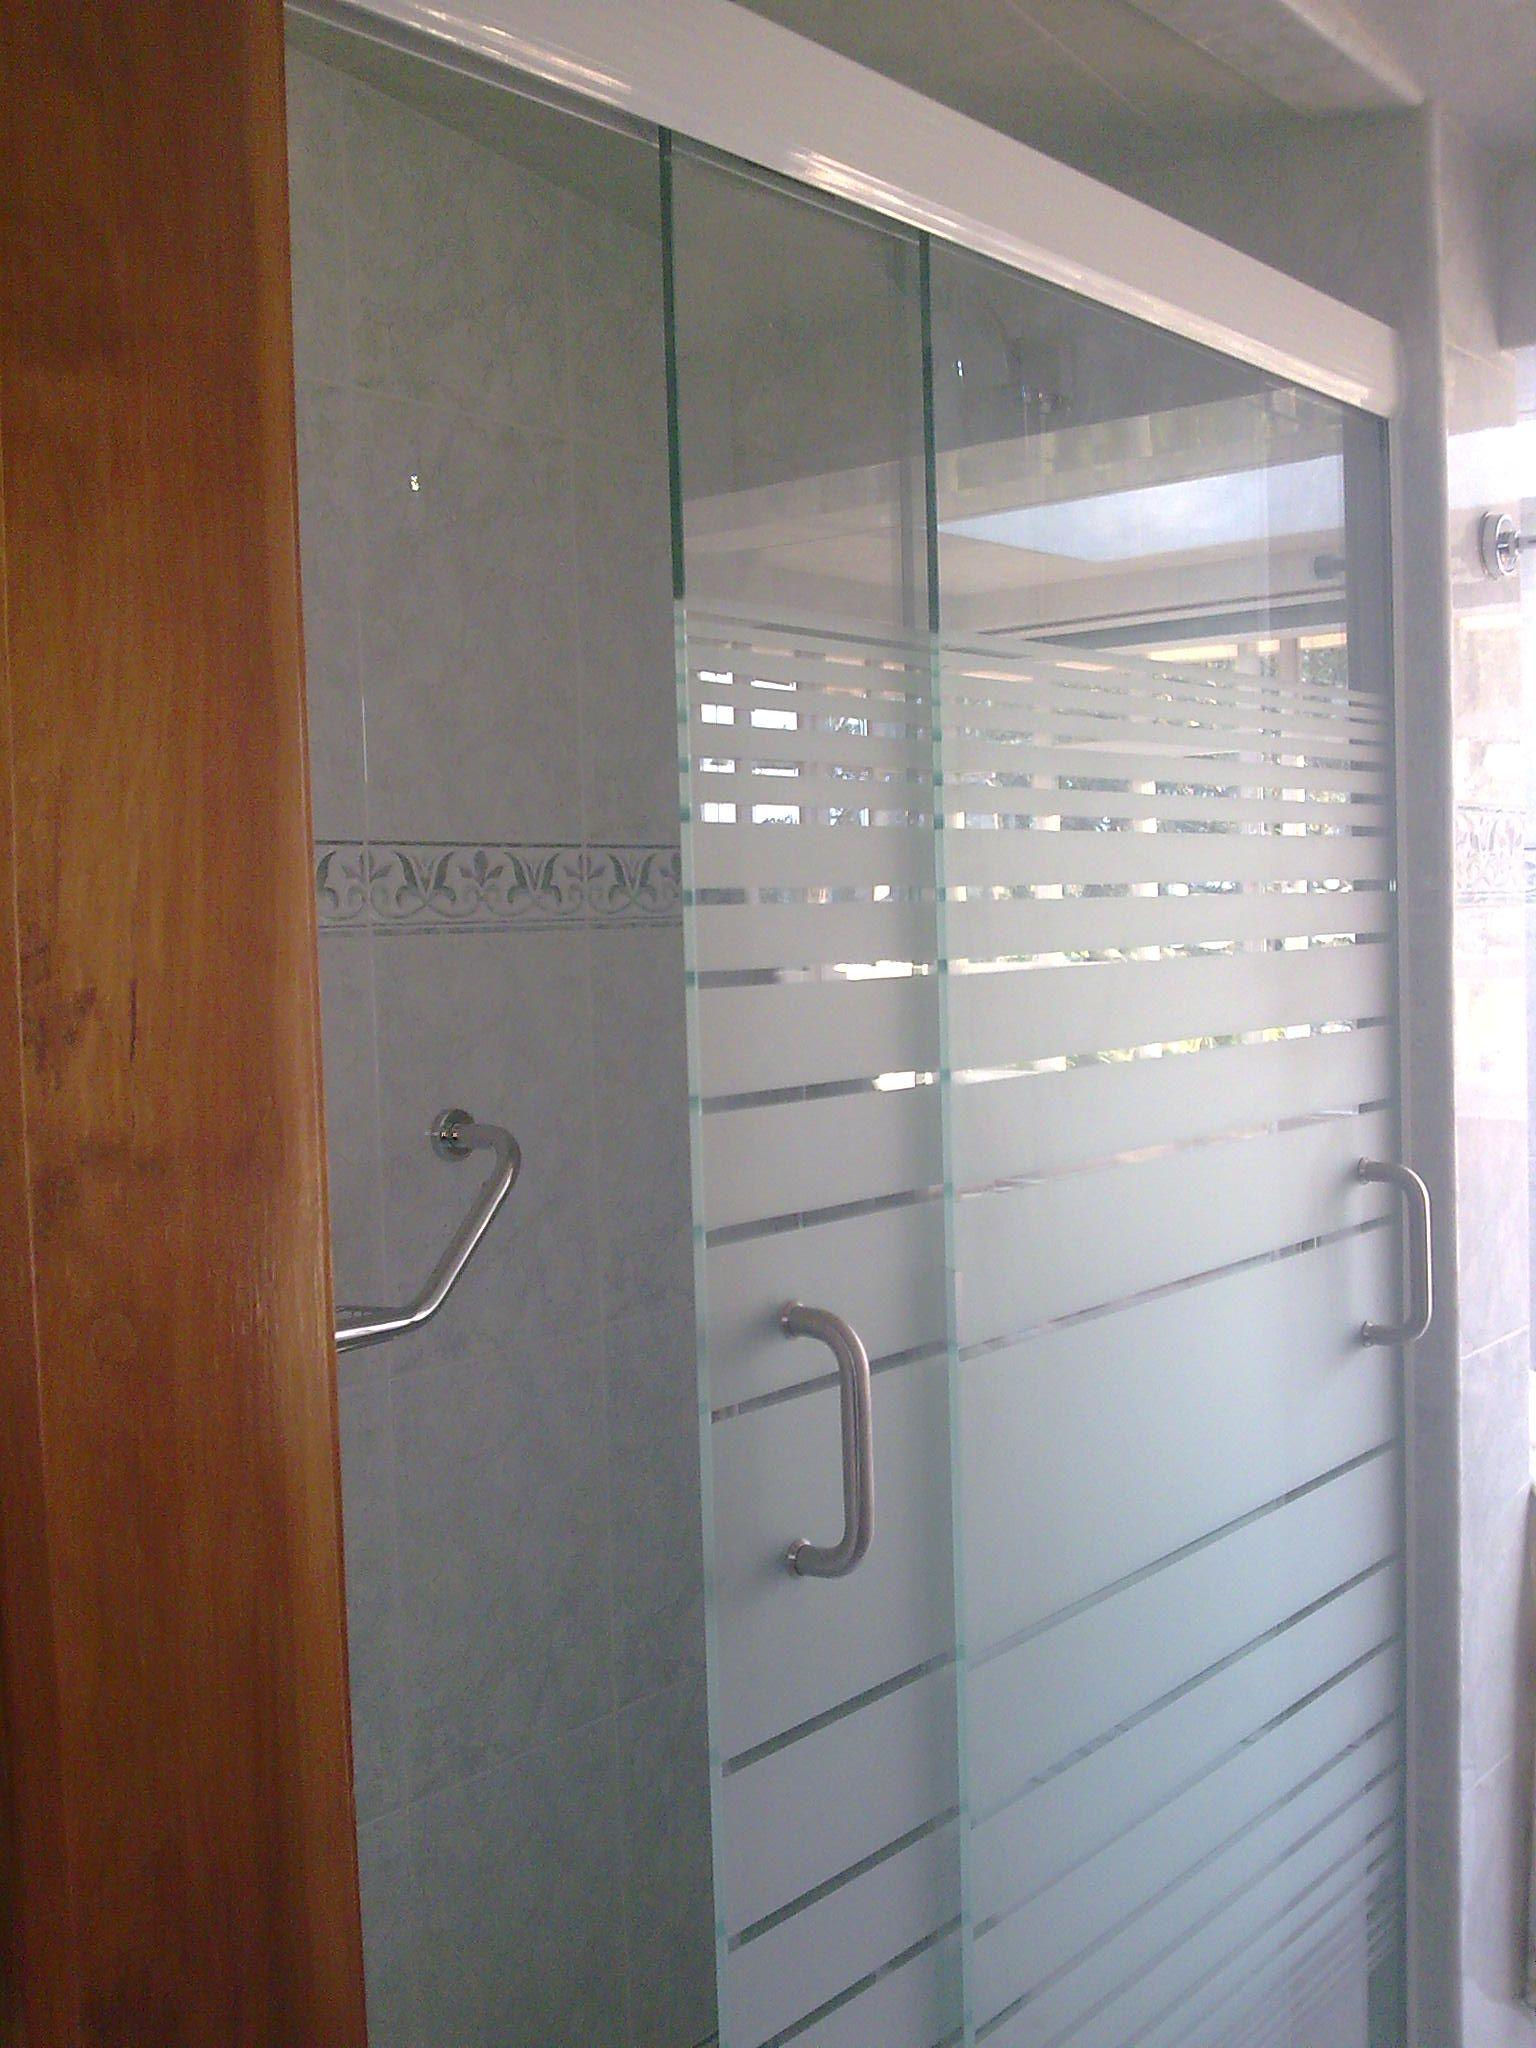 Cancel de ba o cancel bathroom tempered glass 9mm glass for Puertas metalicas precios